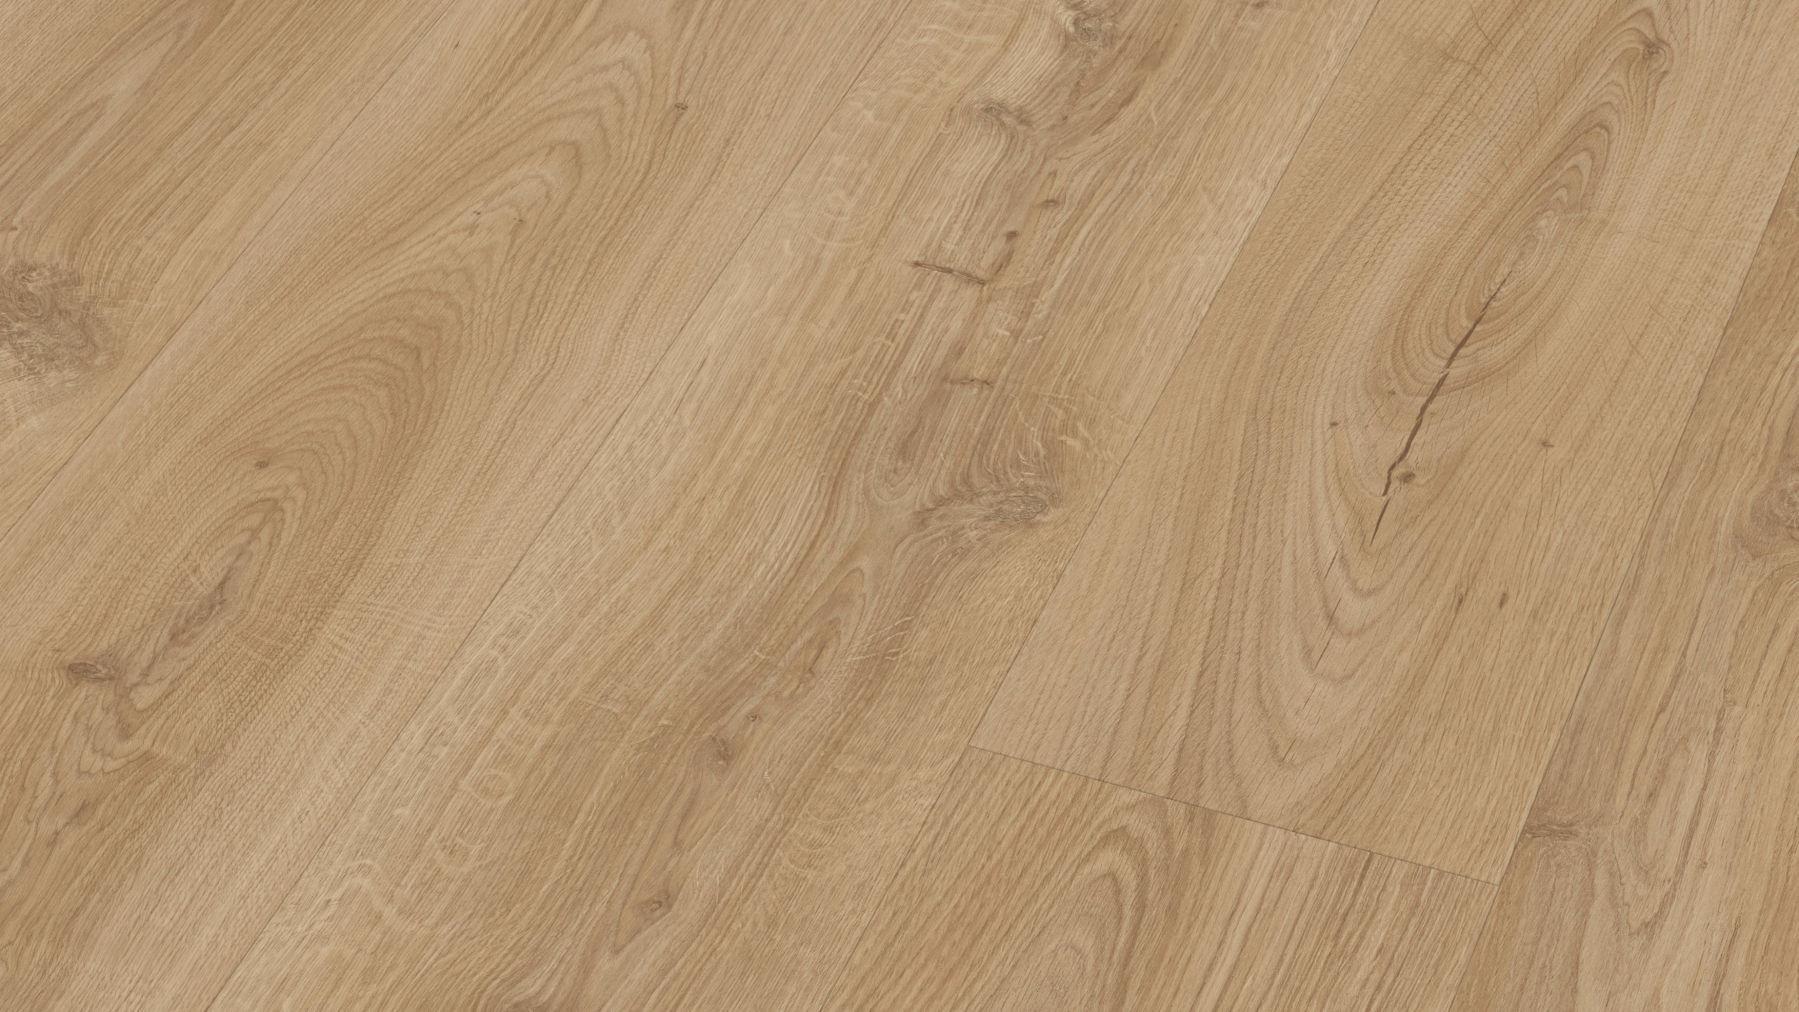 Meister Design Floor Meisterdesign Flex Dl400 Lock Oak Light 6841 Pavimento Organico Pavimenti In Vinile